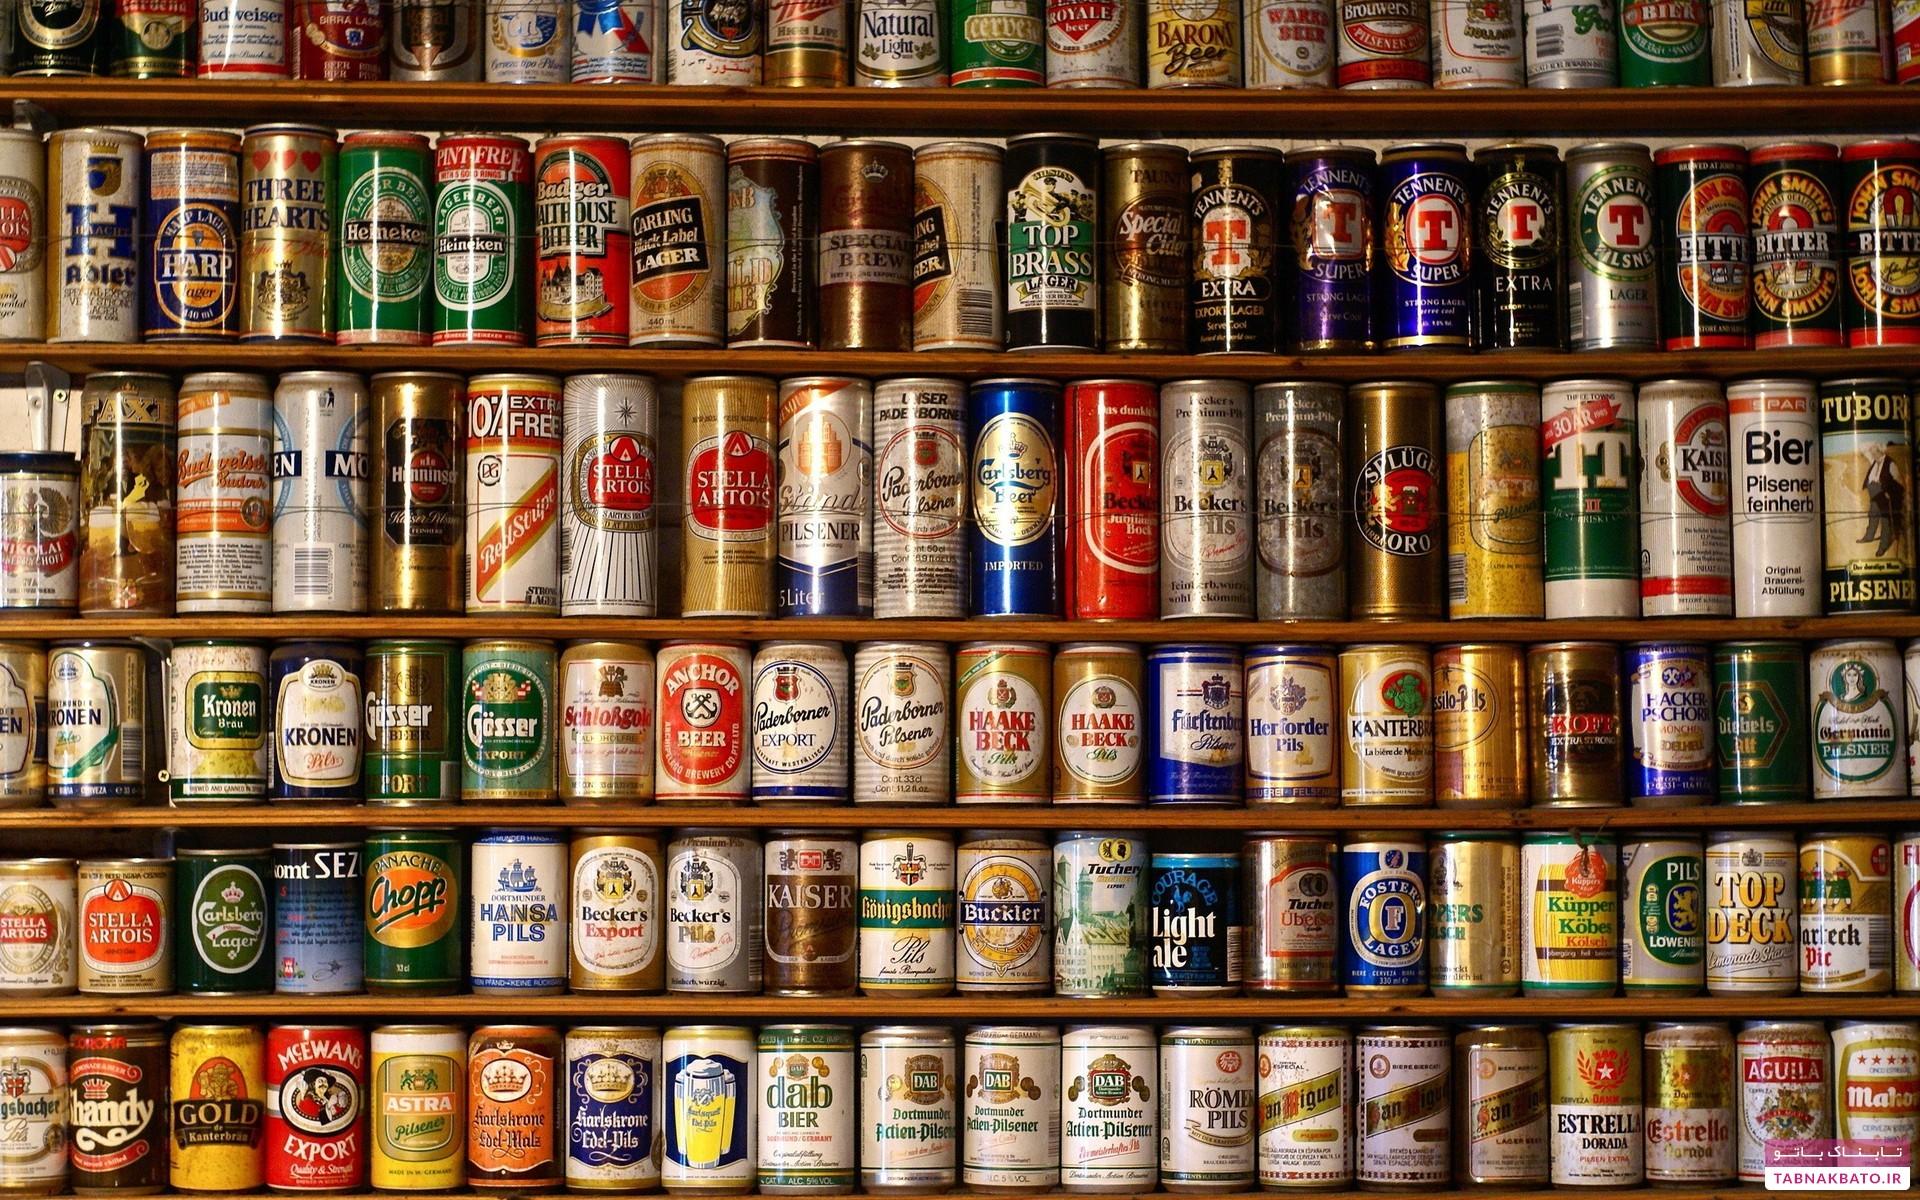 آلمانیها آبجو را به افغانیها ترجیح دادند